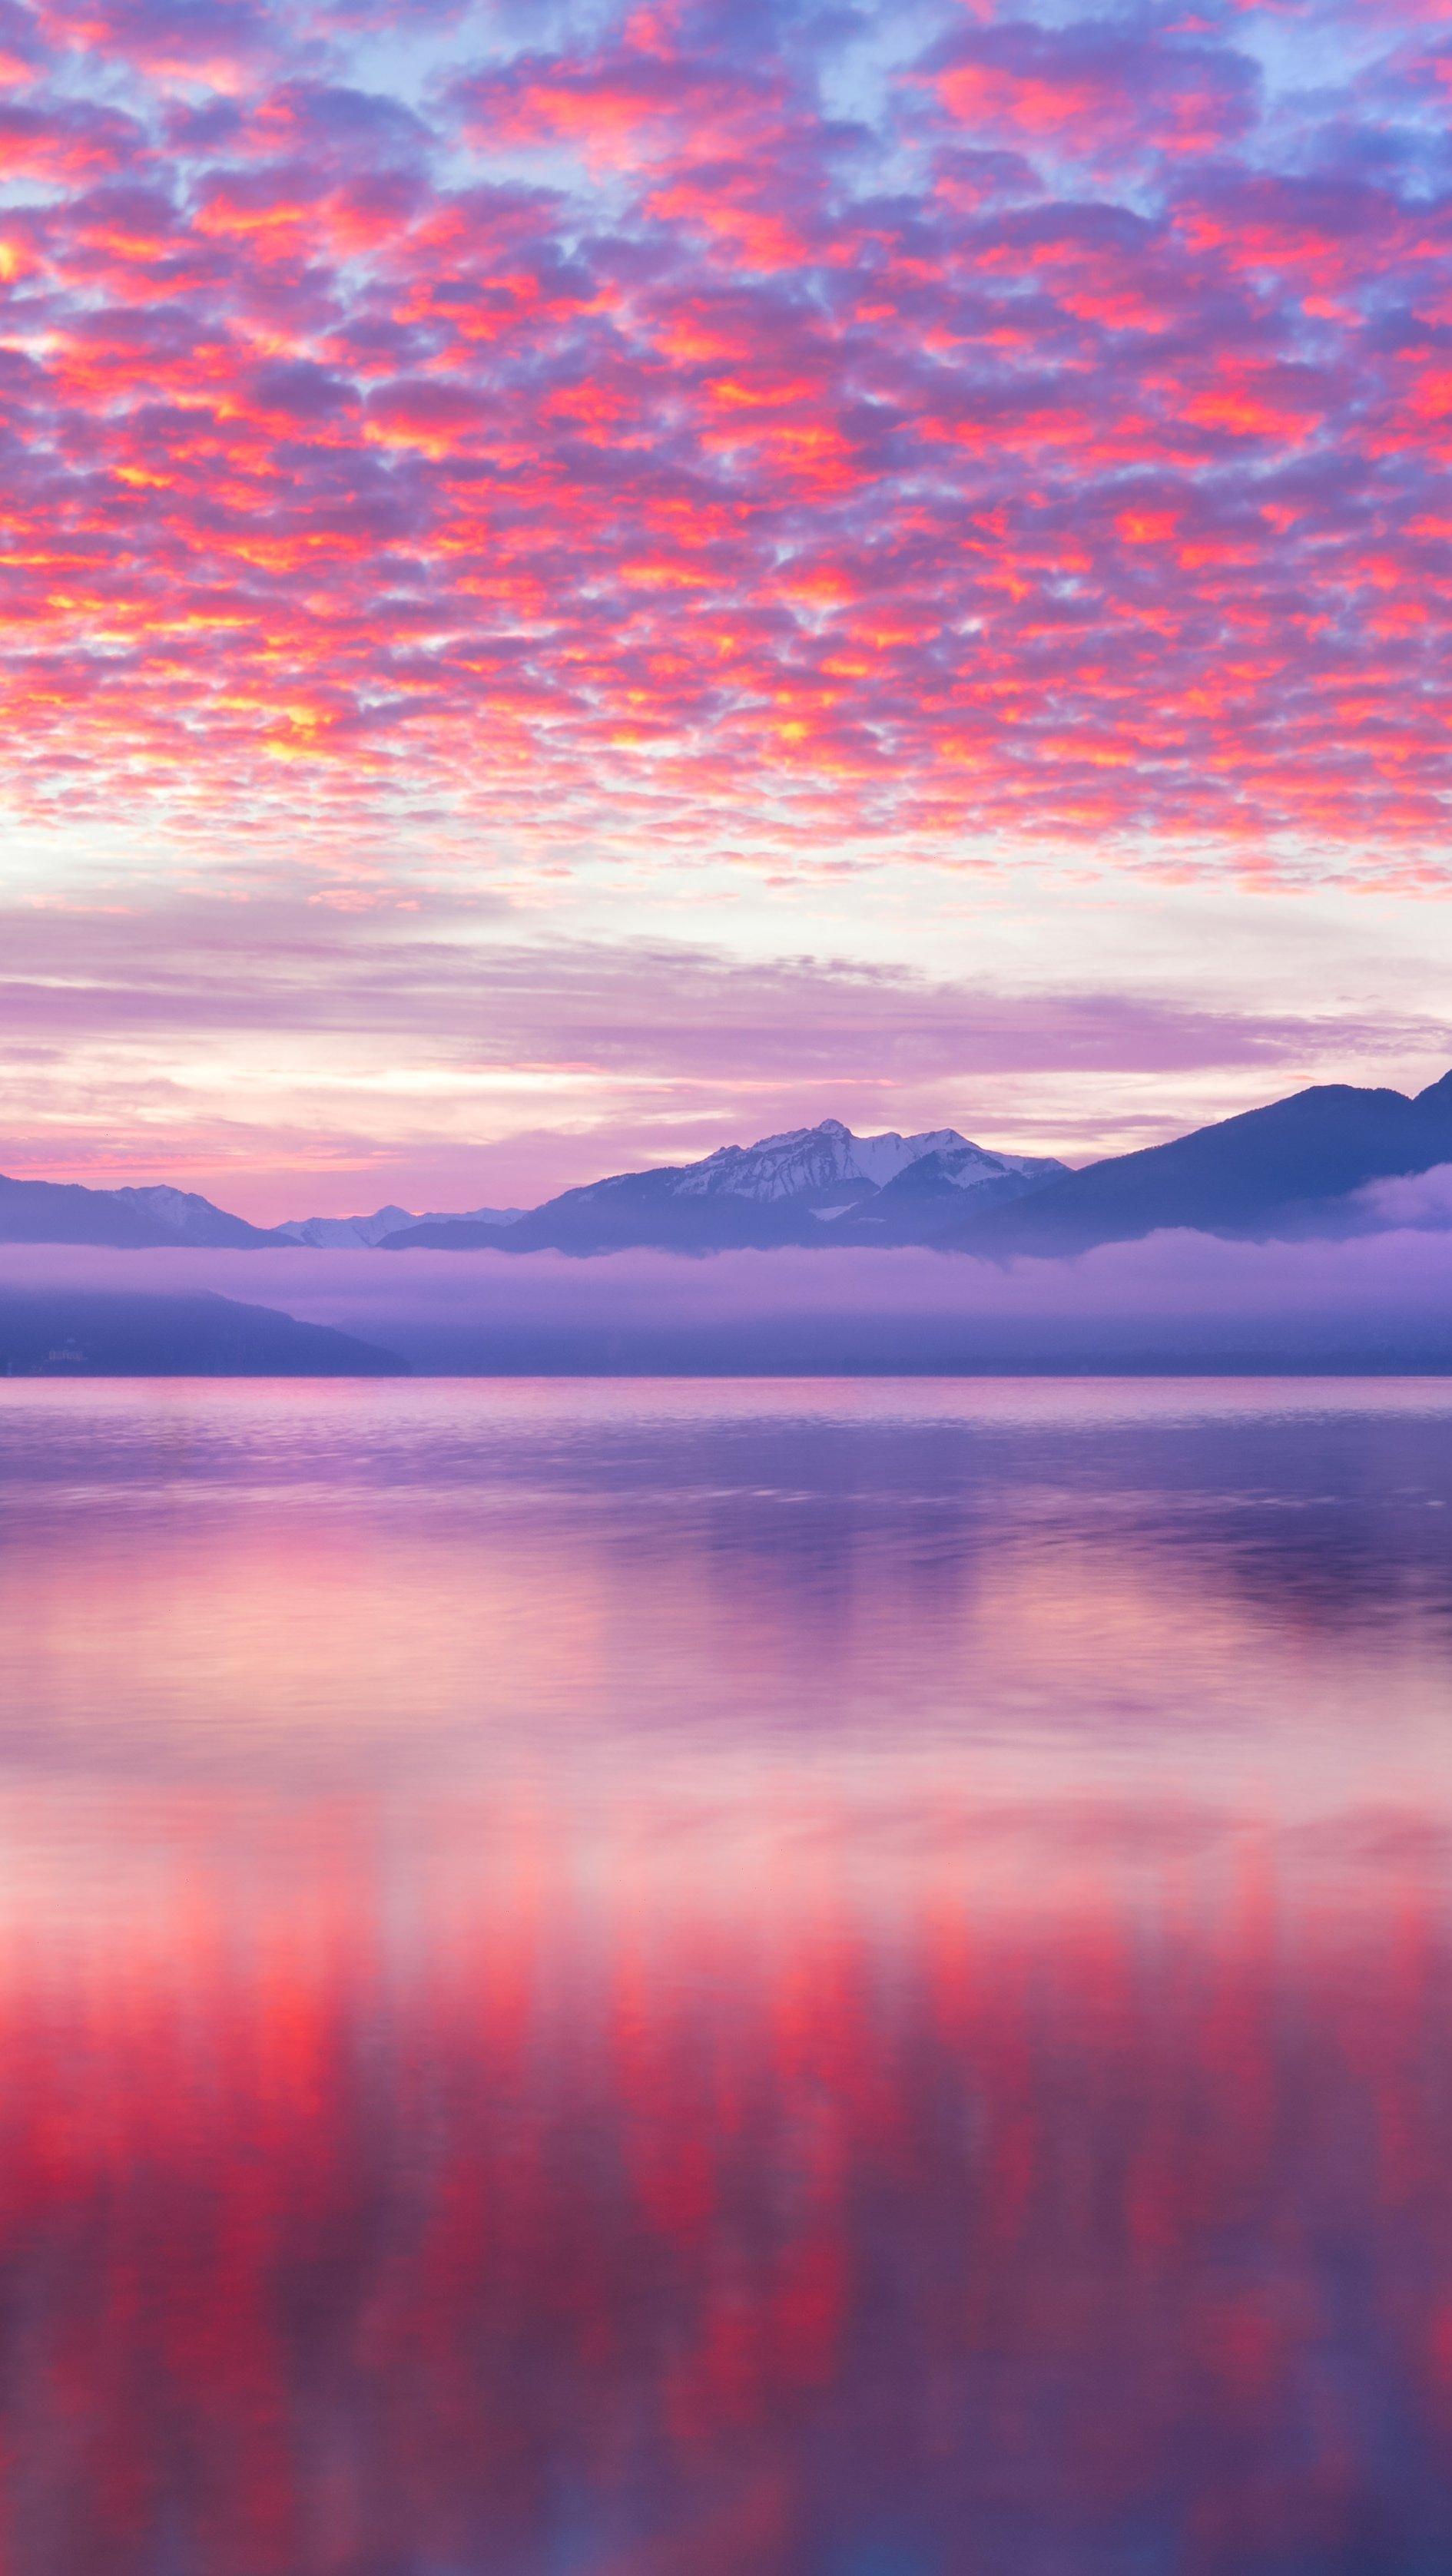 Fondos de pantalla Nubes rosas reflejadas en lago Vertical